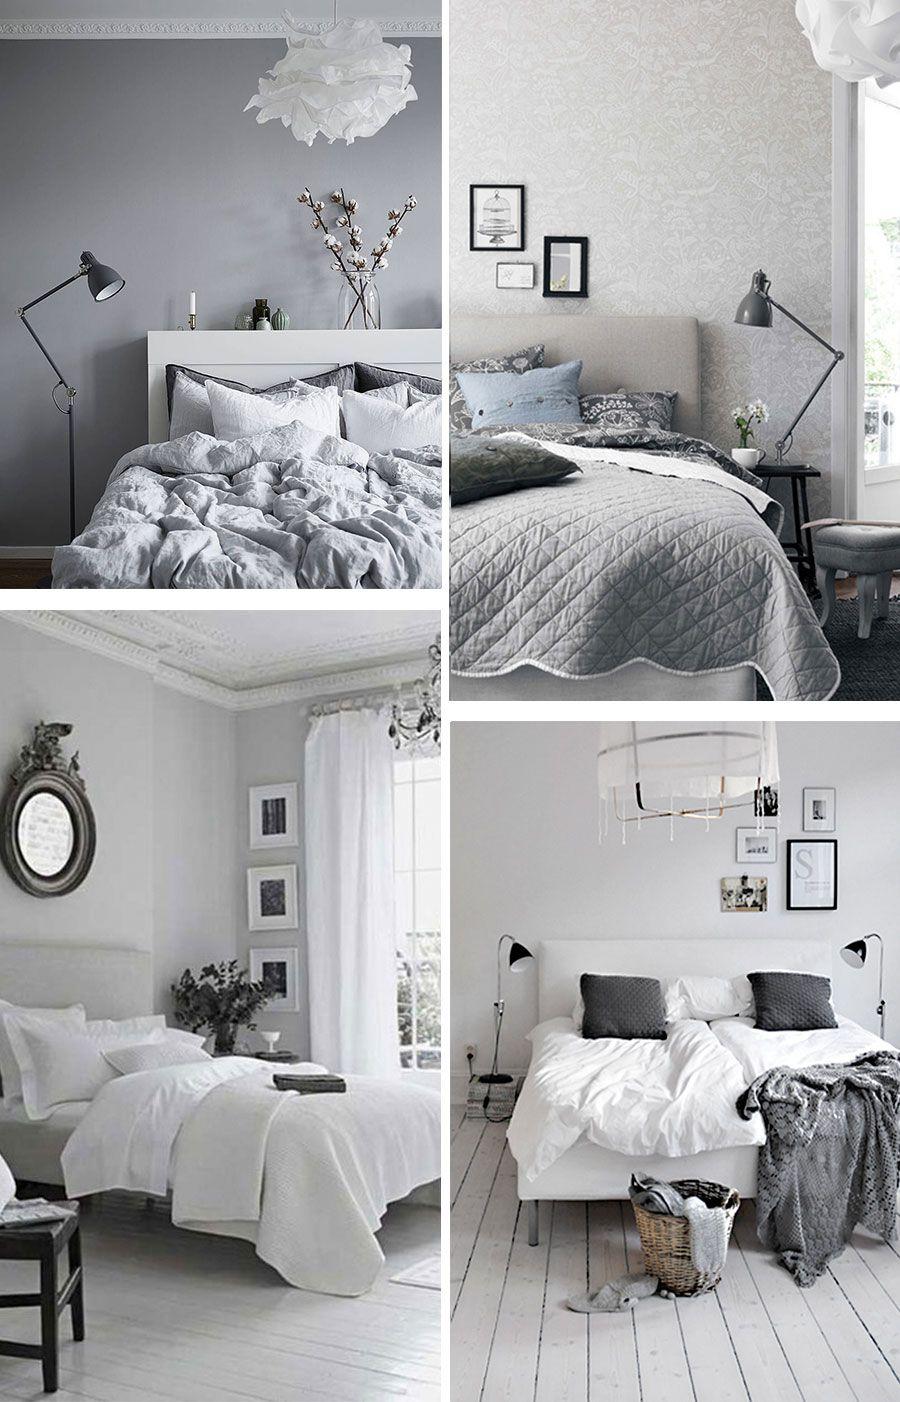 New Trendy Home Deco Dormitorios En Blanco Y Gris Home